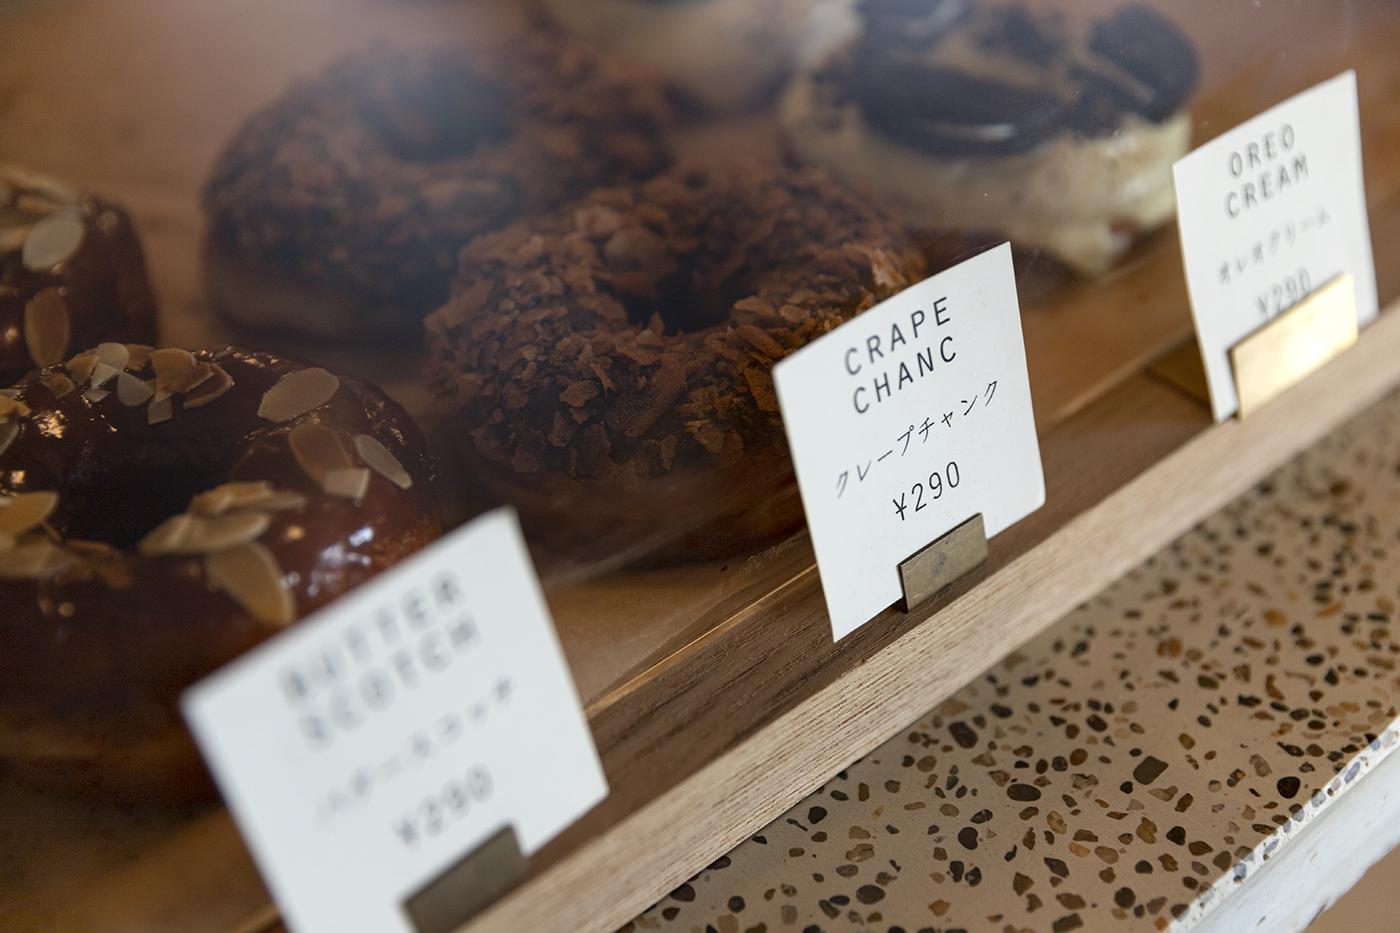 仙台のカフェ「HEY」で人気のドーナッツが並ぶショーケースの様子